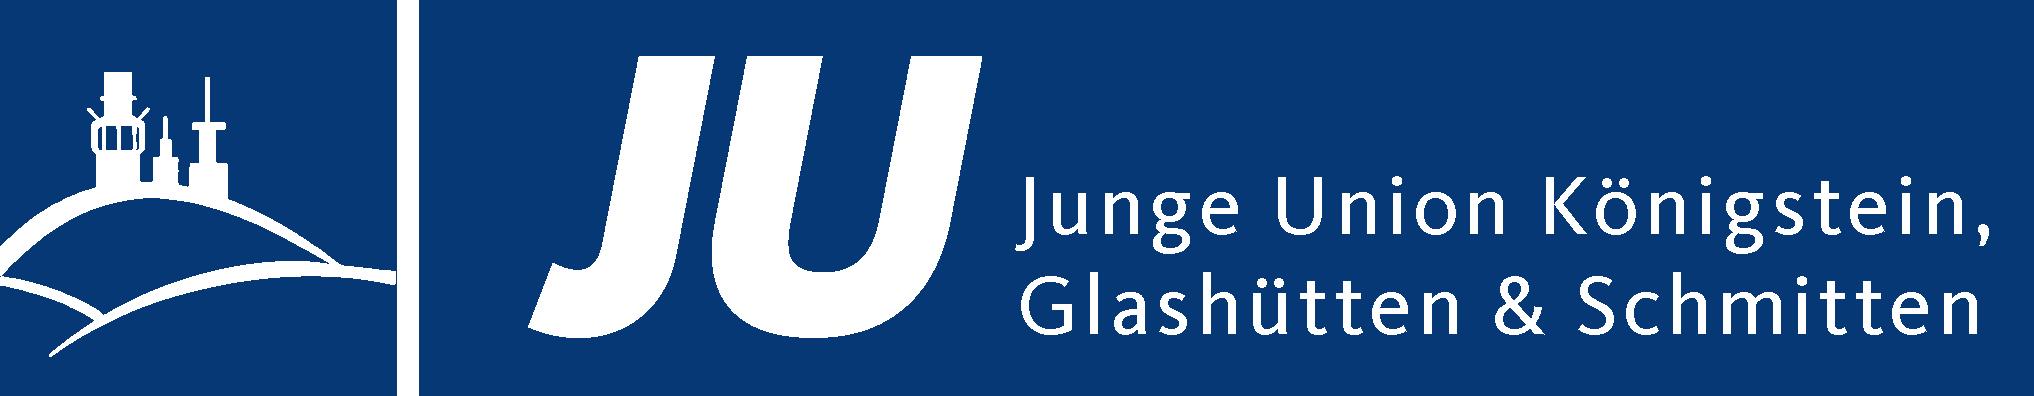 Logo von Junge Union Königstein, Glashütten & Schmitten